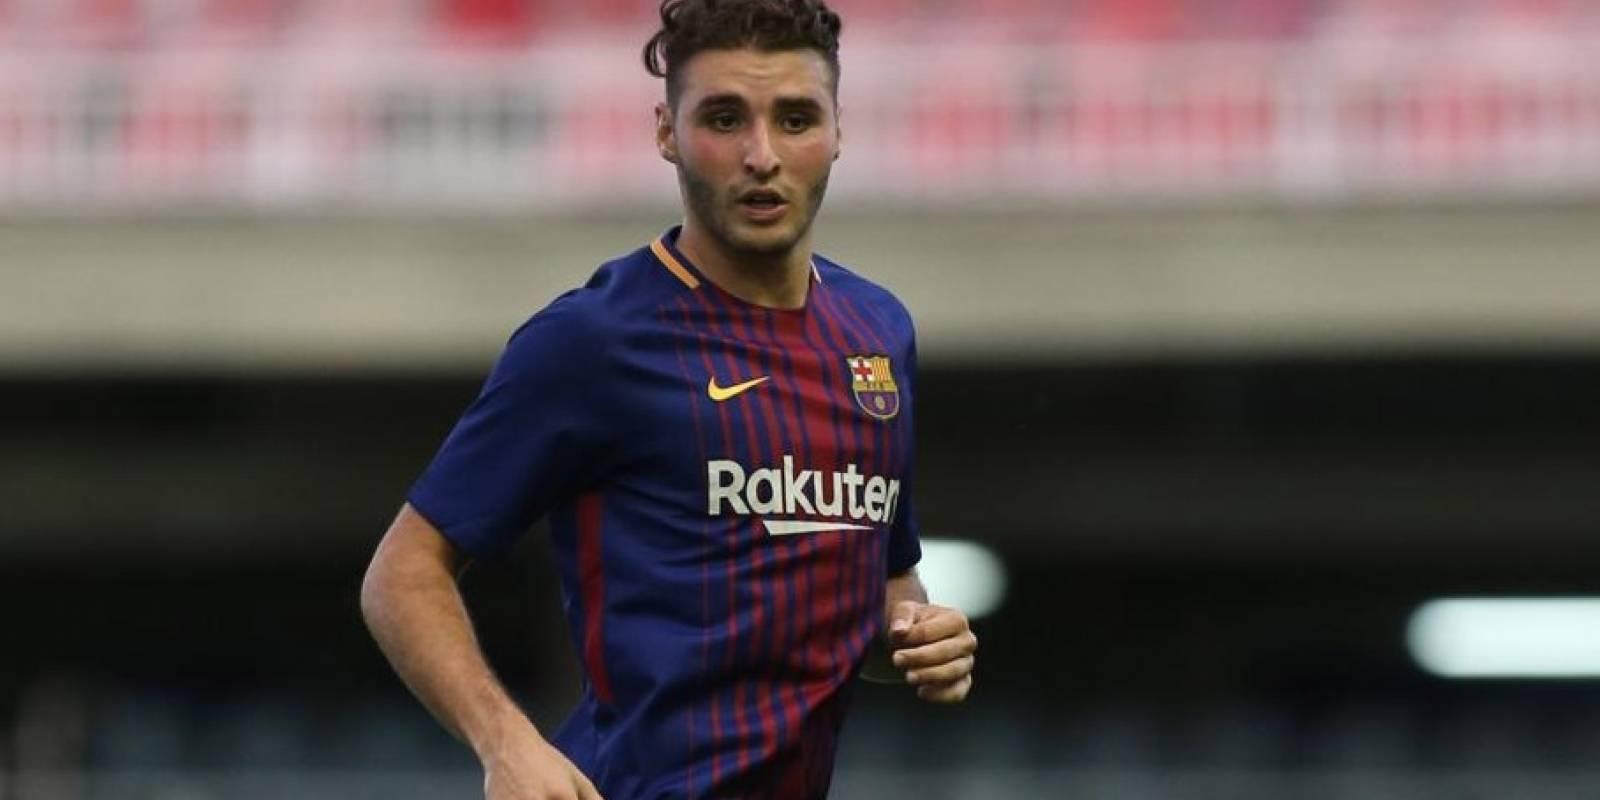 Abel Ruiz es delantero del Barcelona y aunque aún no debuta en el primer equipo blaugrana es una de las promesas de la Masía.